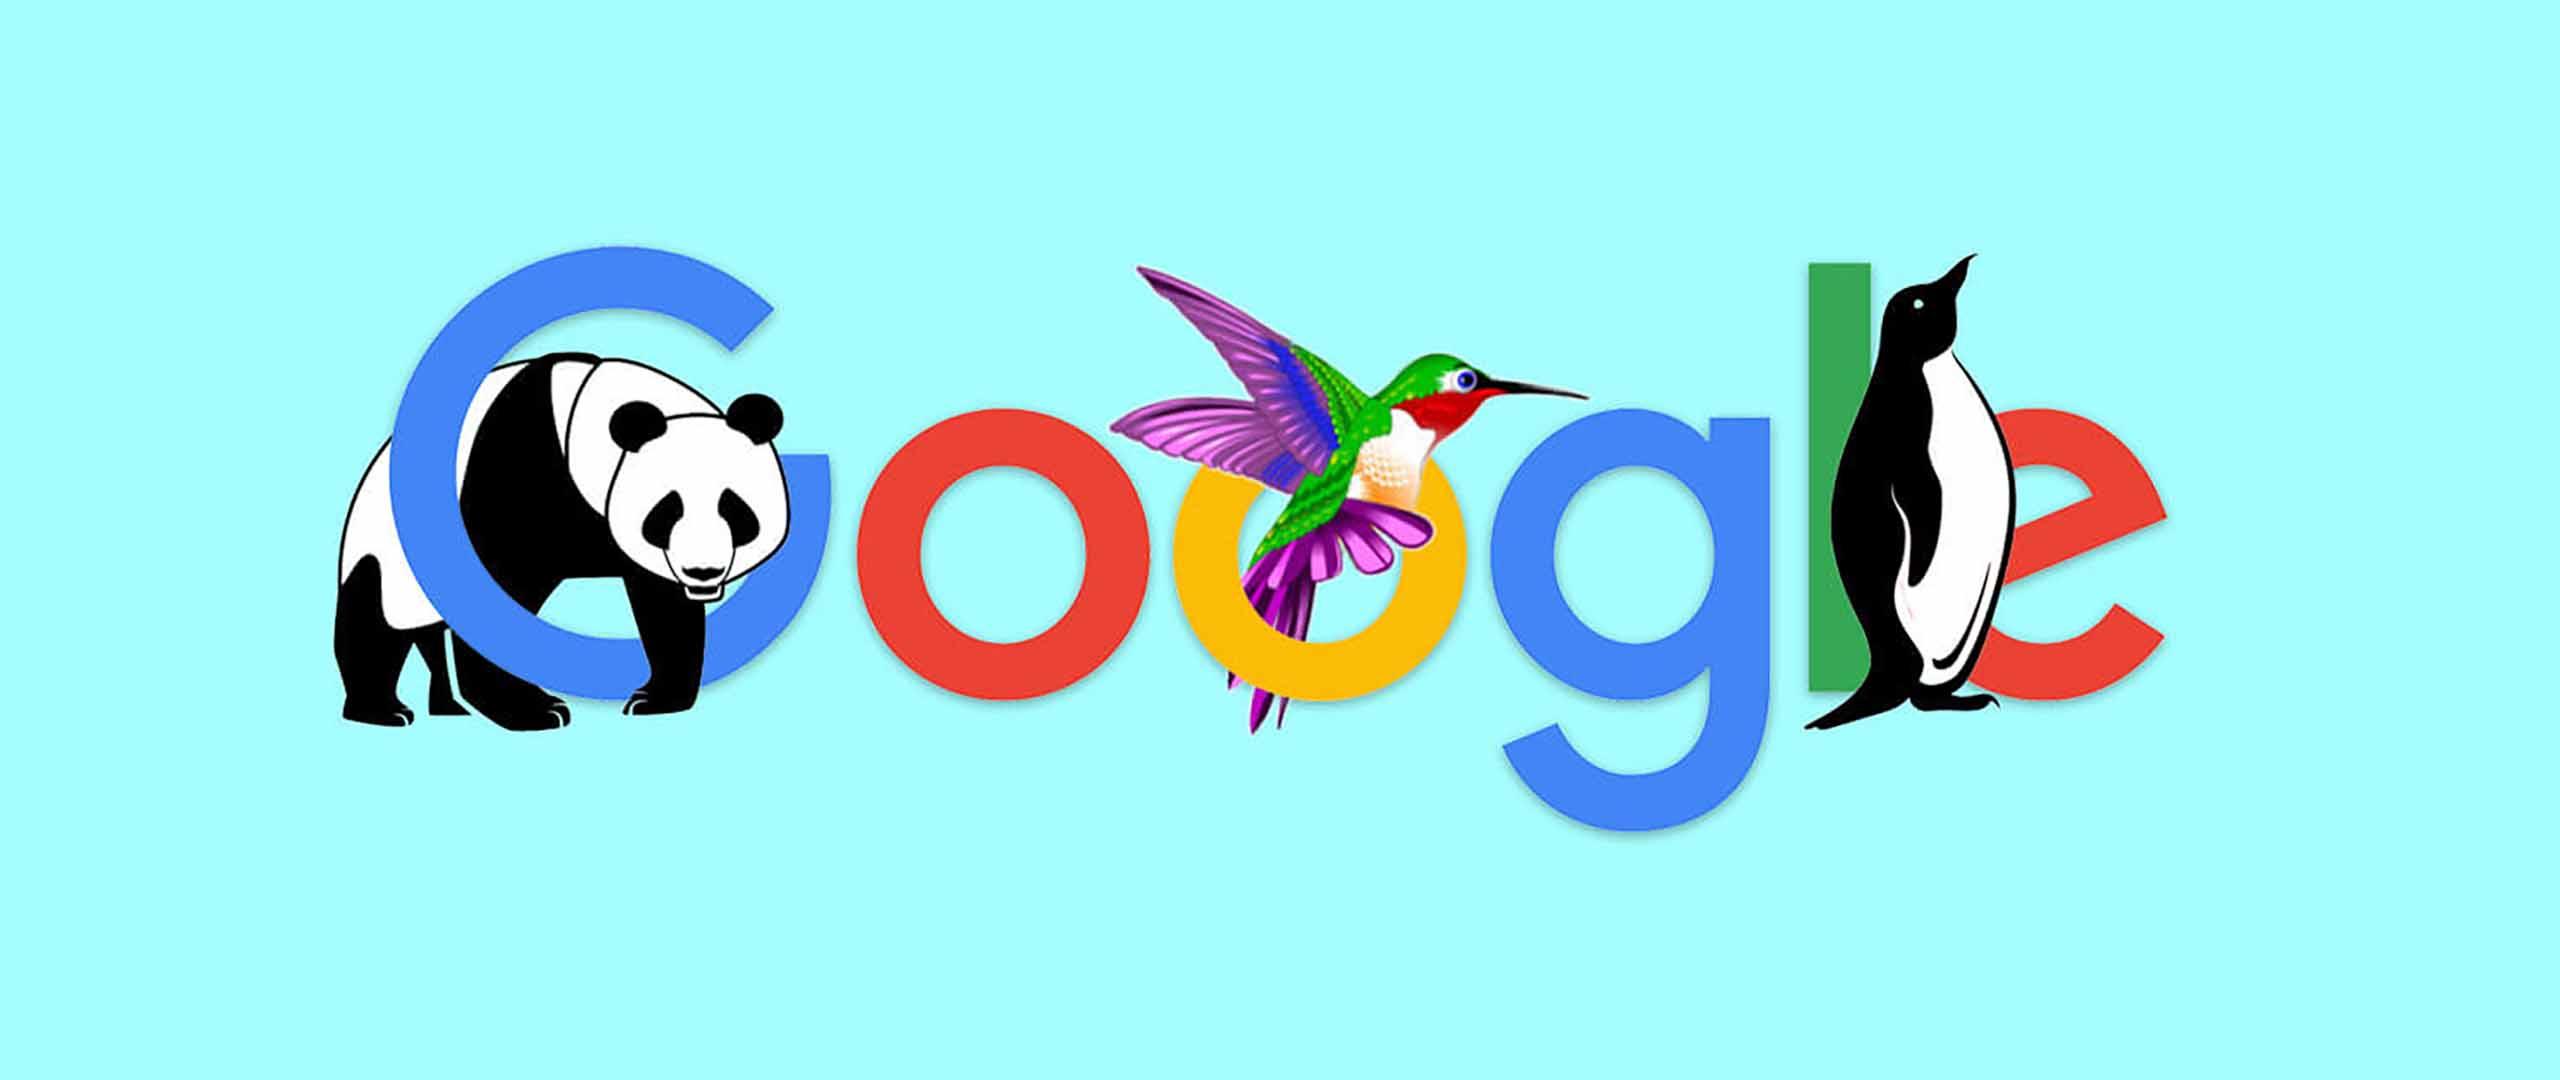 نقش هر یک از الگوریتم های گوگل